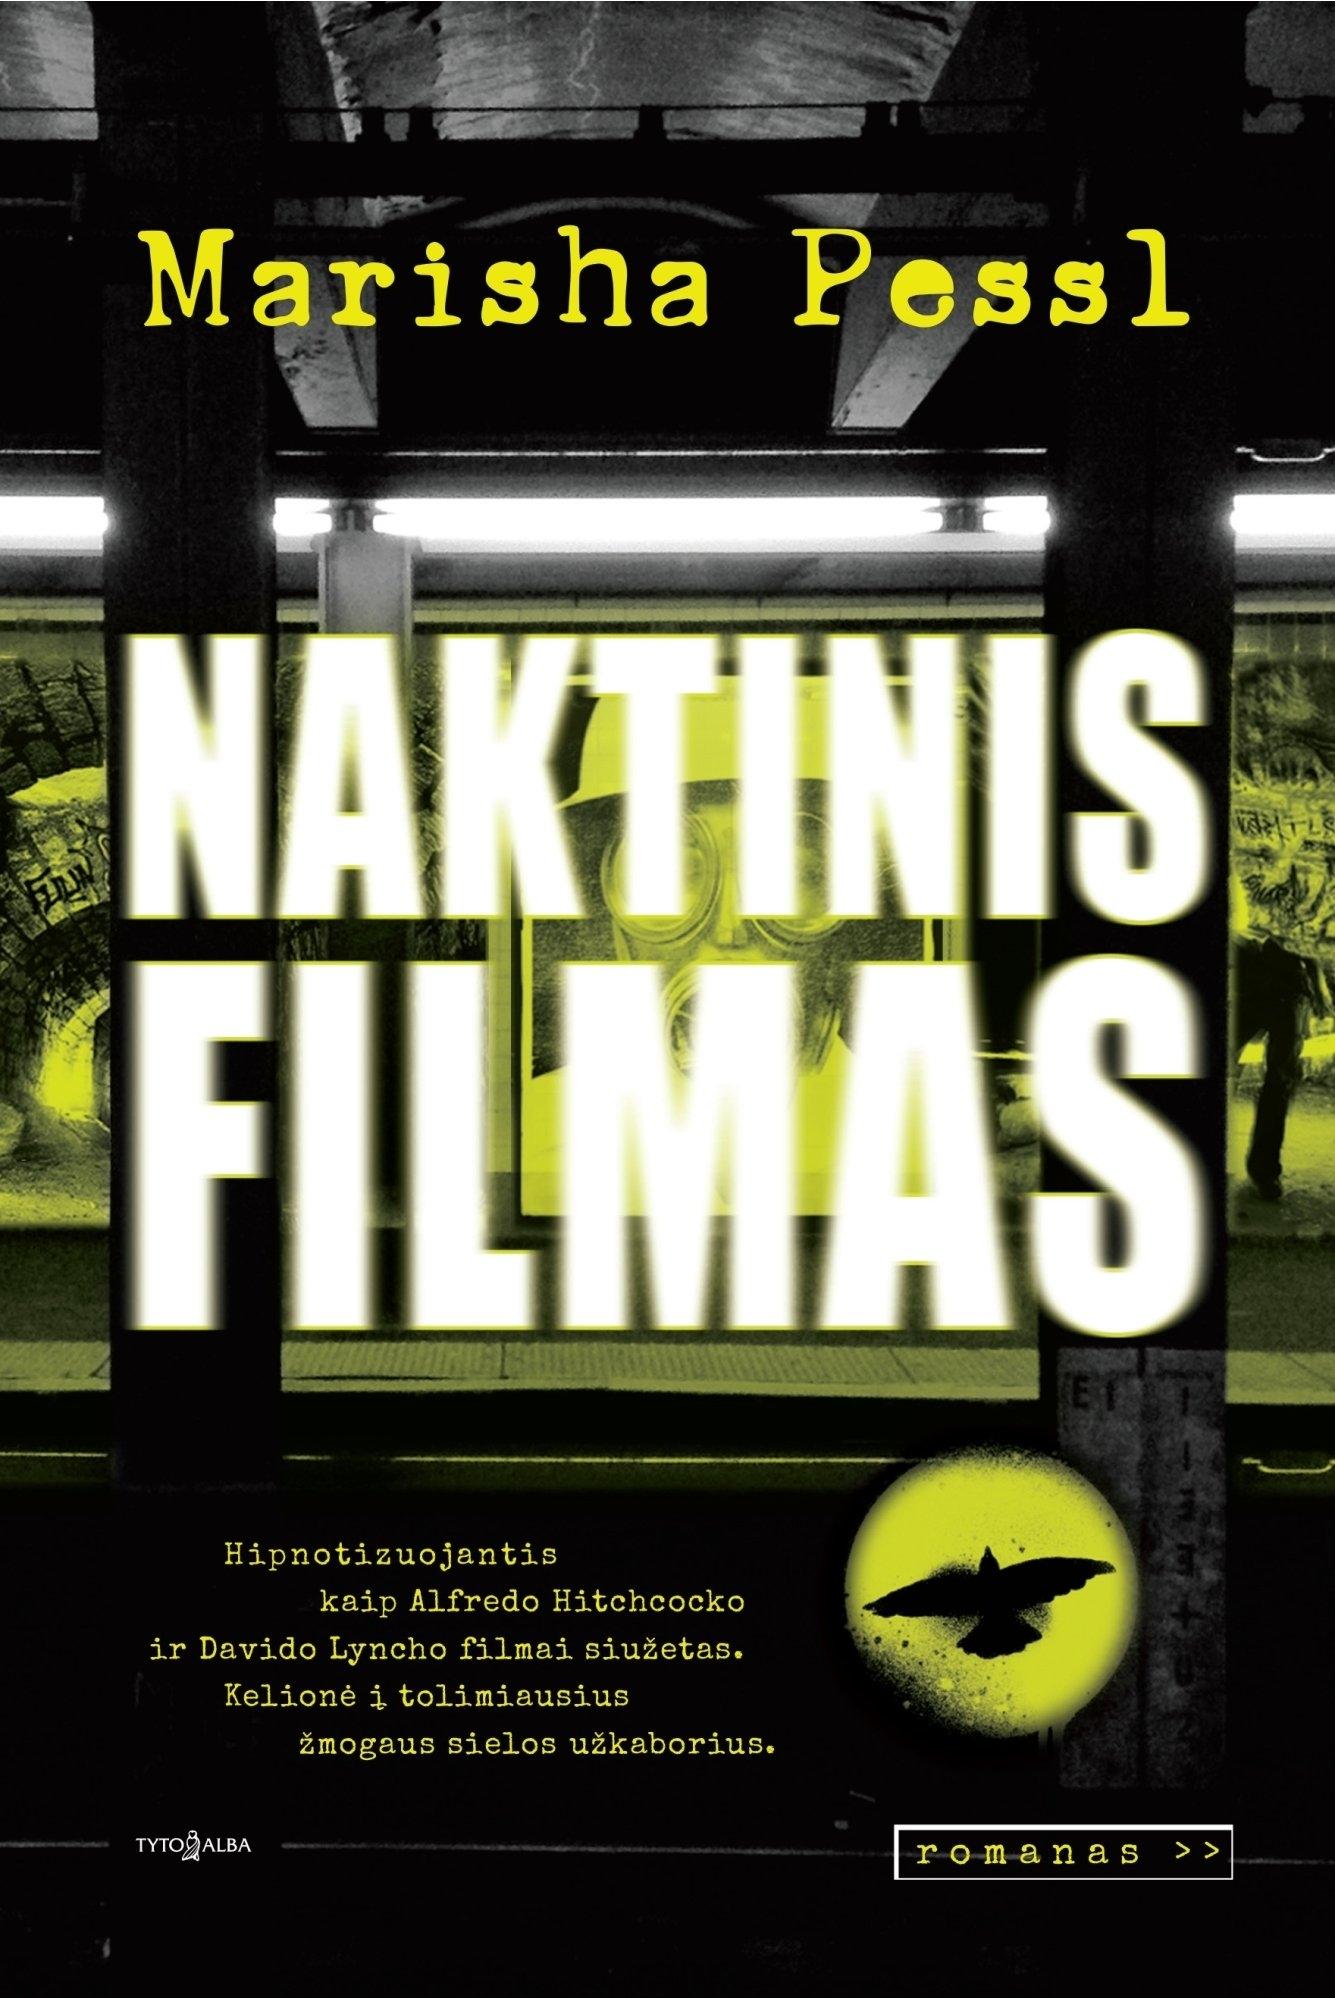 Naktinis filmas | grozine | Tyto alba